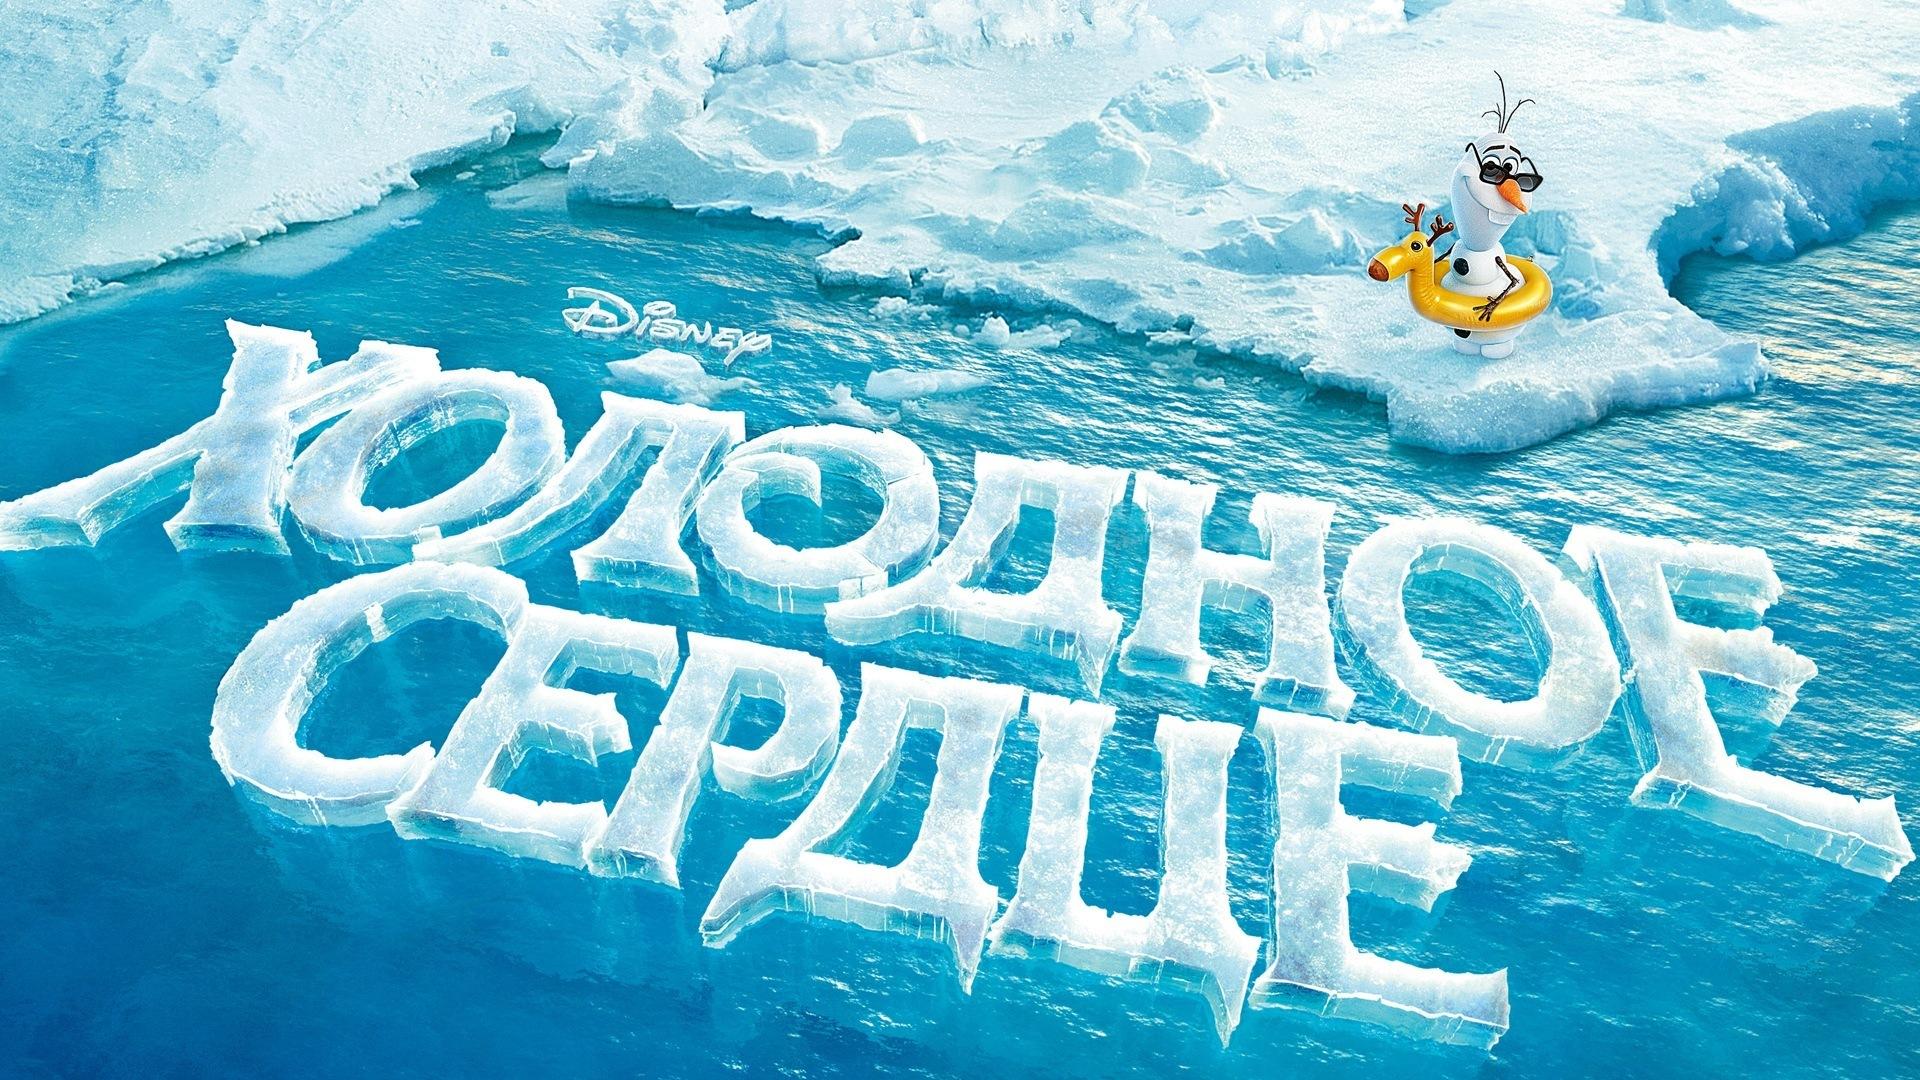 壁紙 19x1080 アナと雪の女王 氷 漫画 ダウンロード 写真